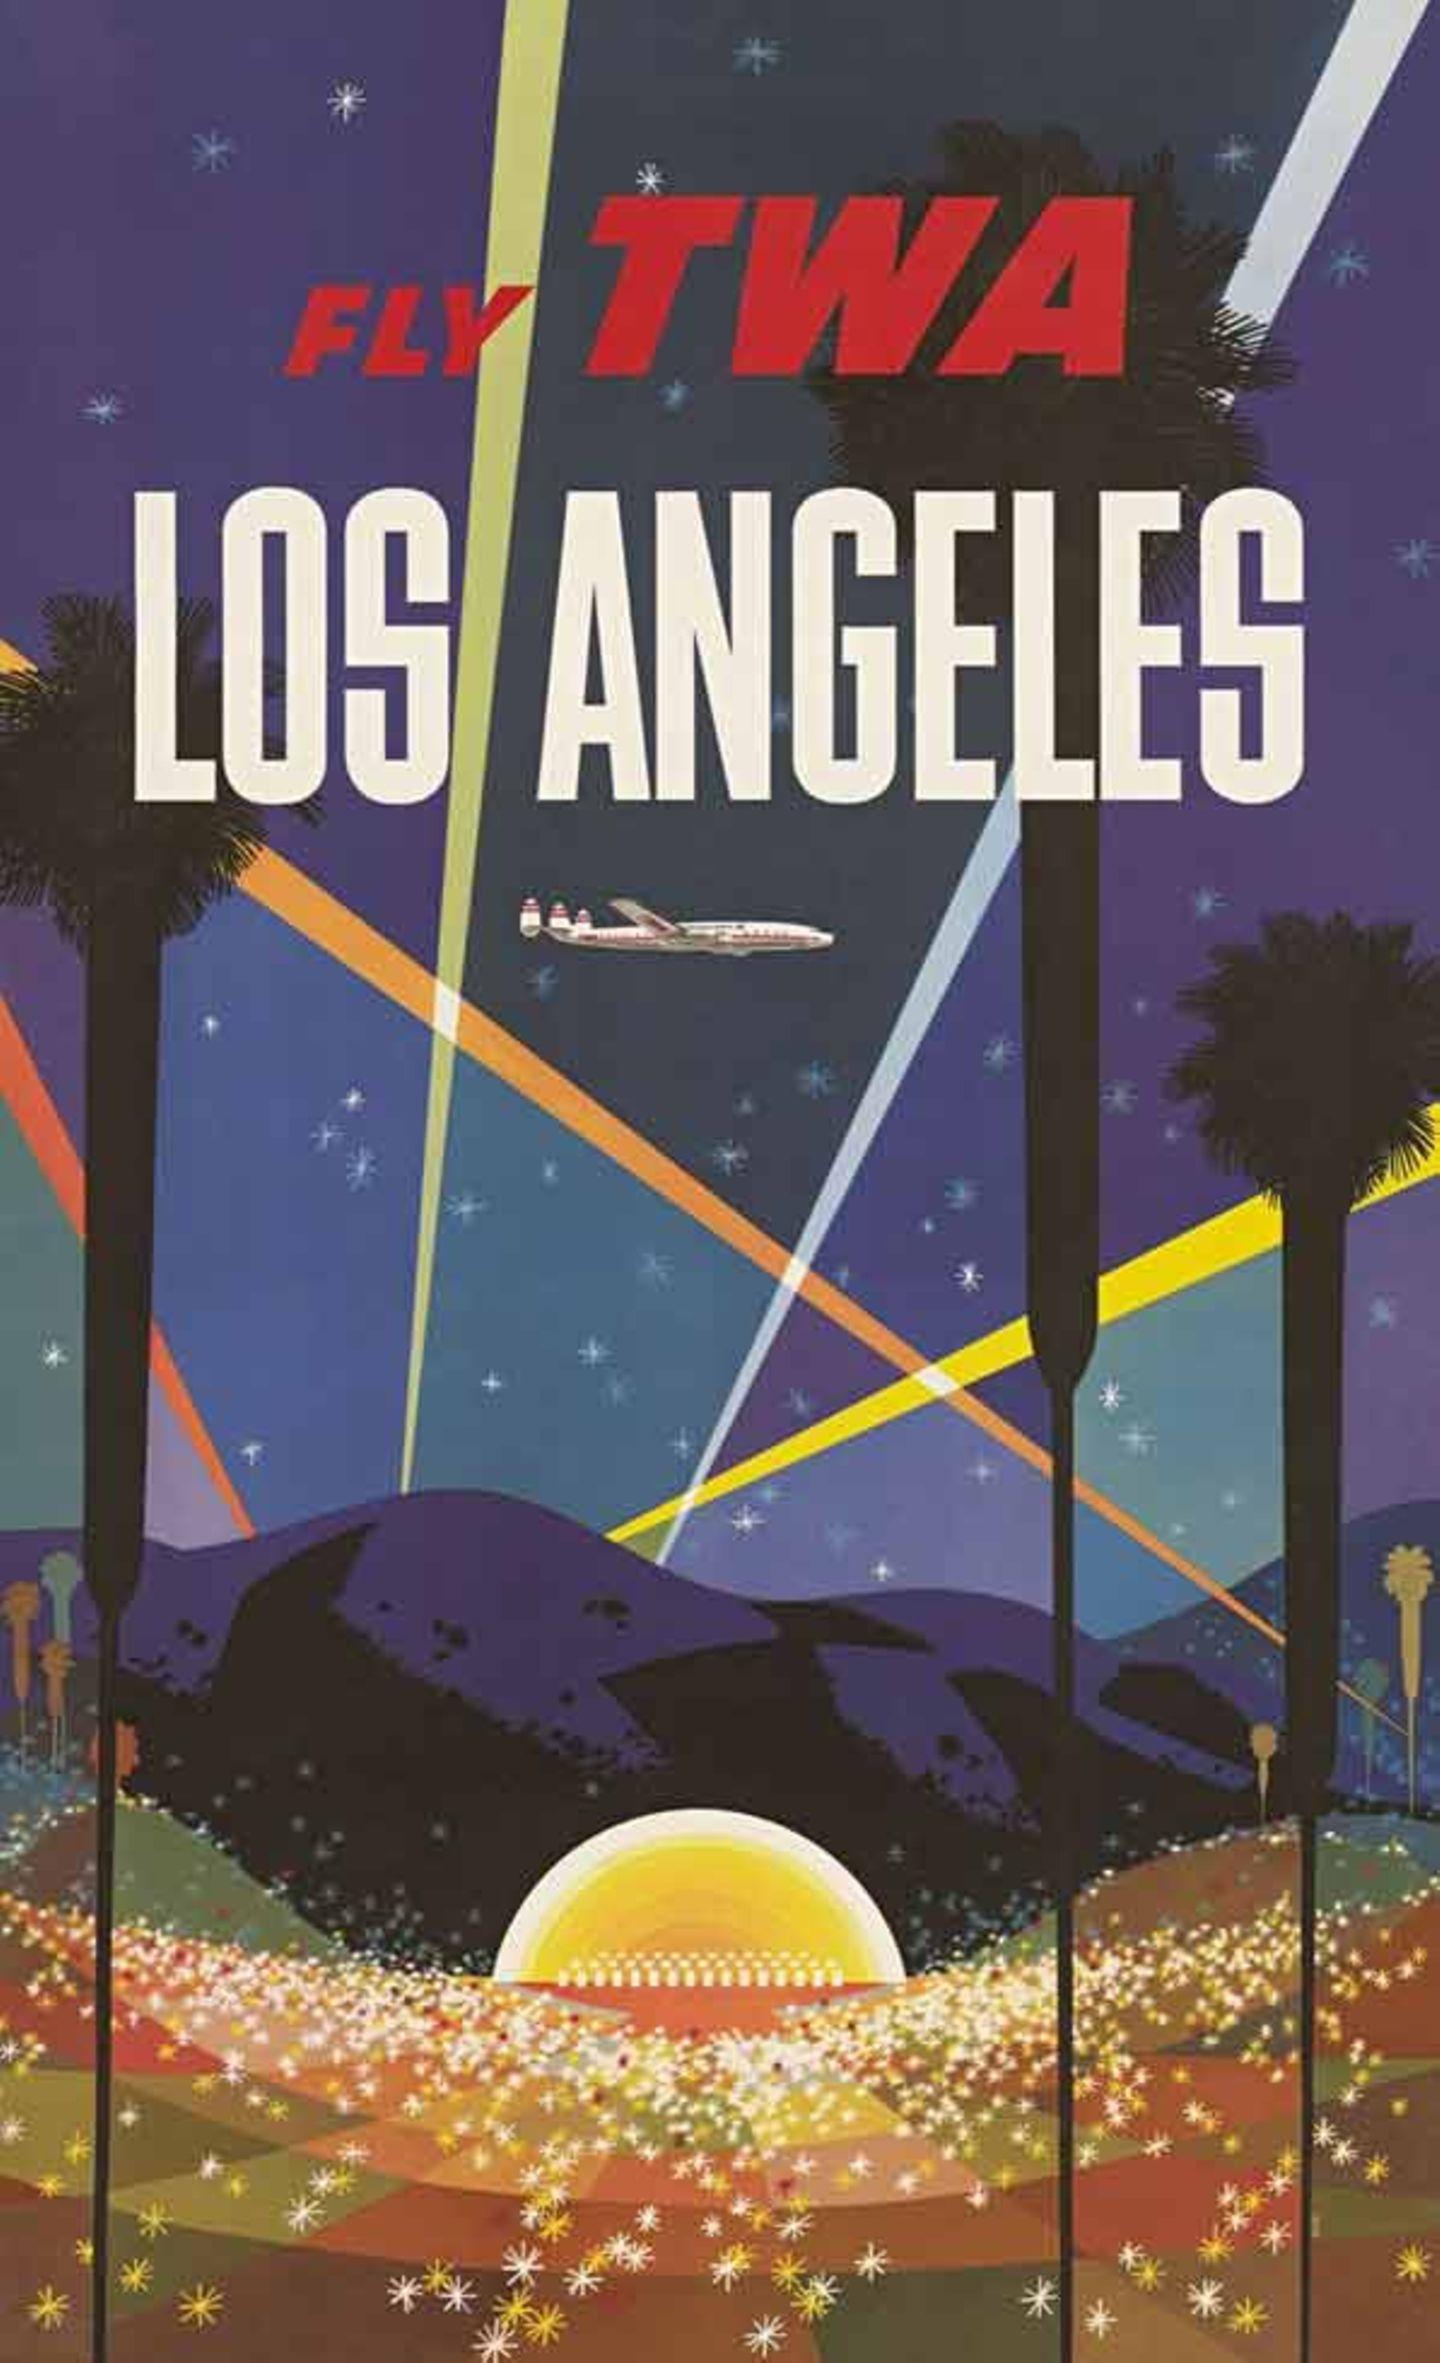 Bild 1 von 11der Fotostrecke zum Klicken:Lichterkegel und Sterneglitzern locken nach Los Angeles, ein Entwurf von 1956. Für Trans World Airlines schuf der Illustrator David Klein bis Ende der 60er Jahre über 50 Plakate.